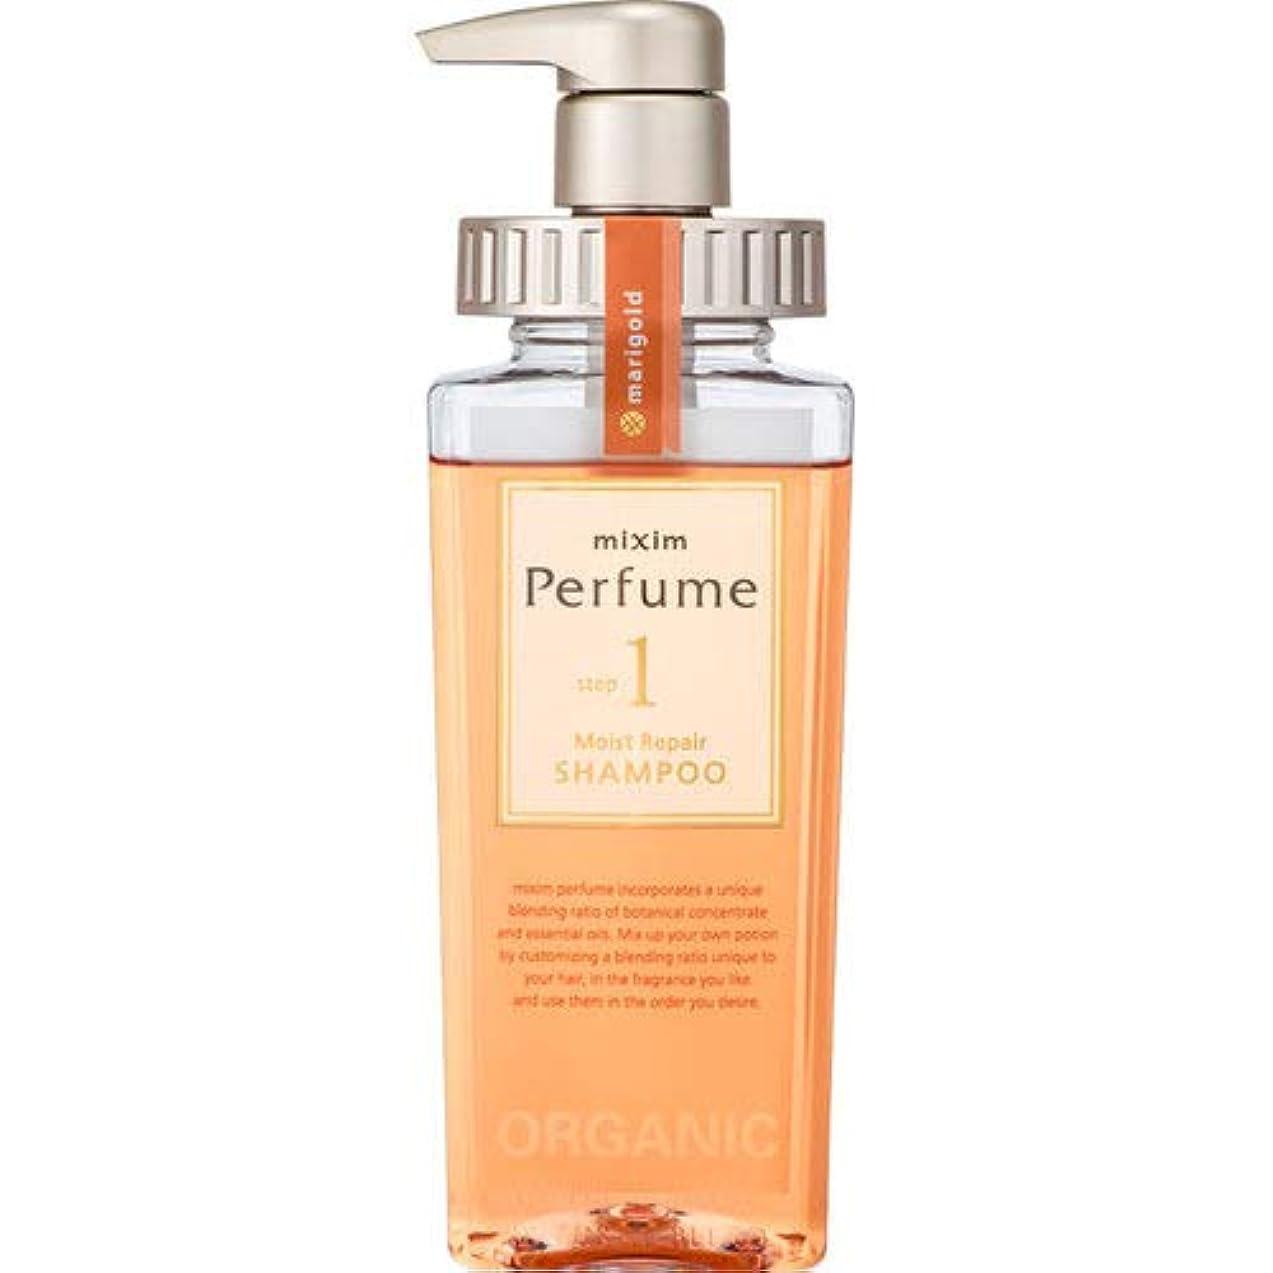 軽量鉄美容師mixim Perfume(ミクシムパフューム) モイストリペア シャンプー 440mL